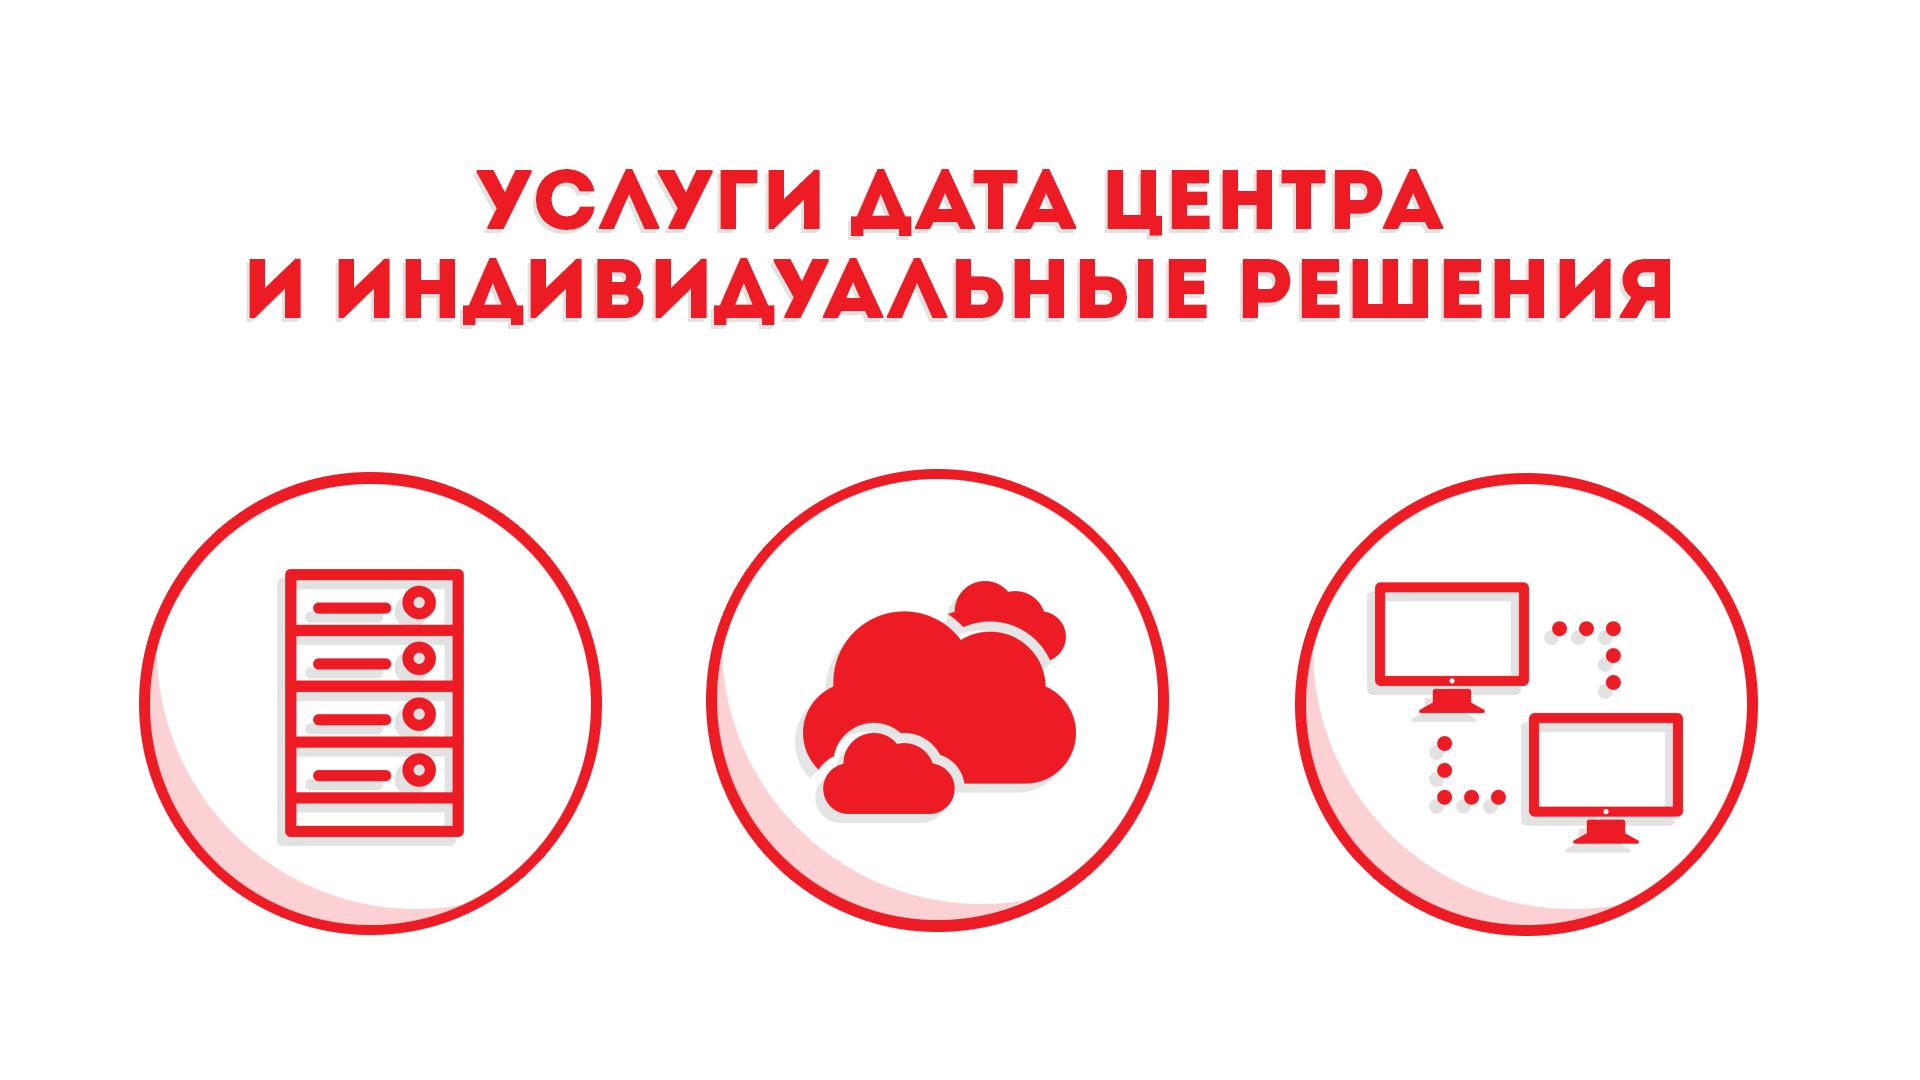 Услуги дата центра